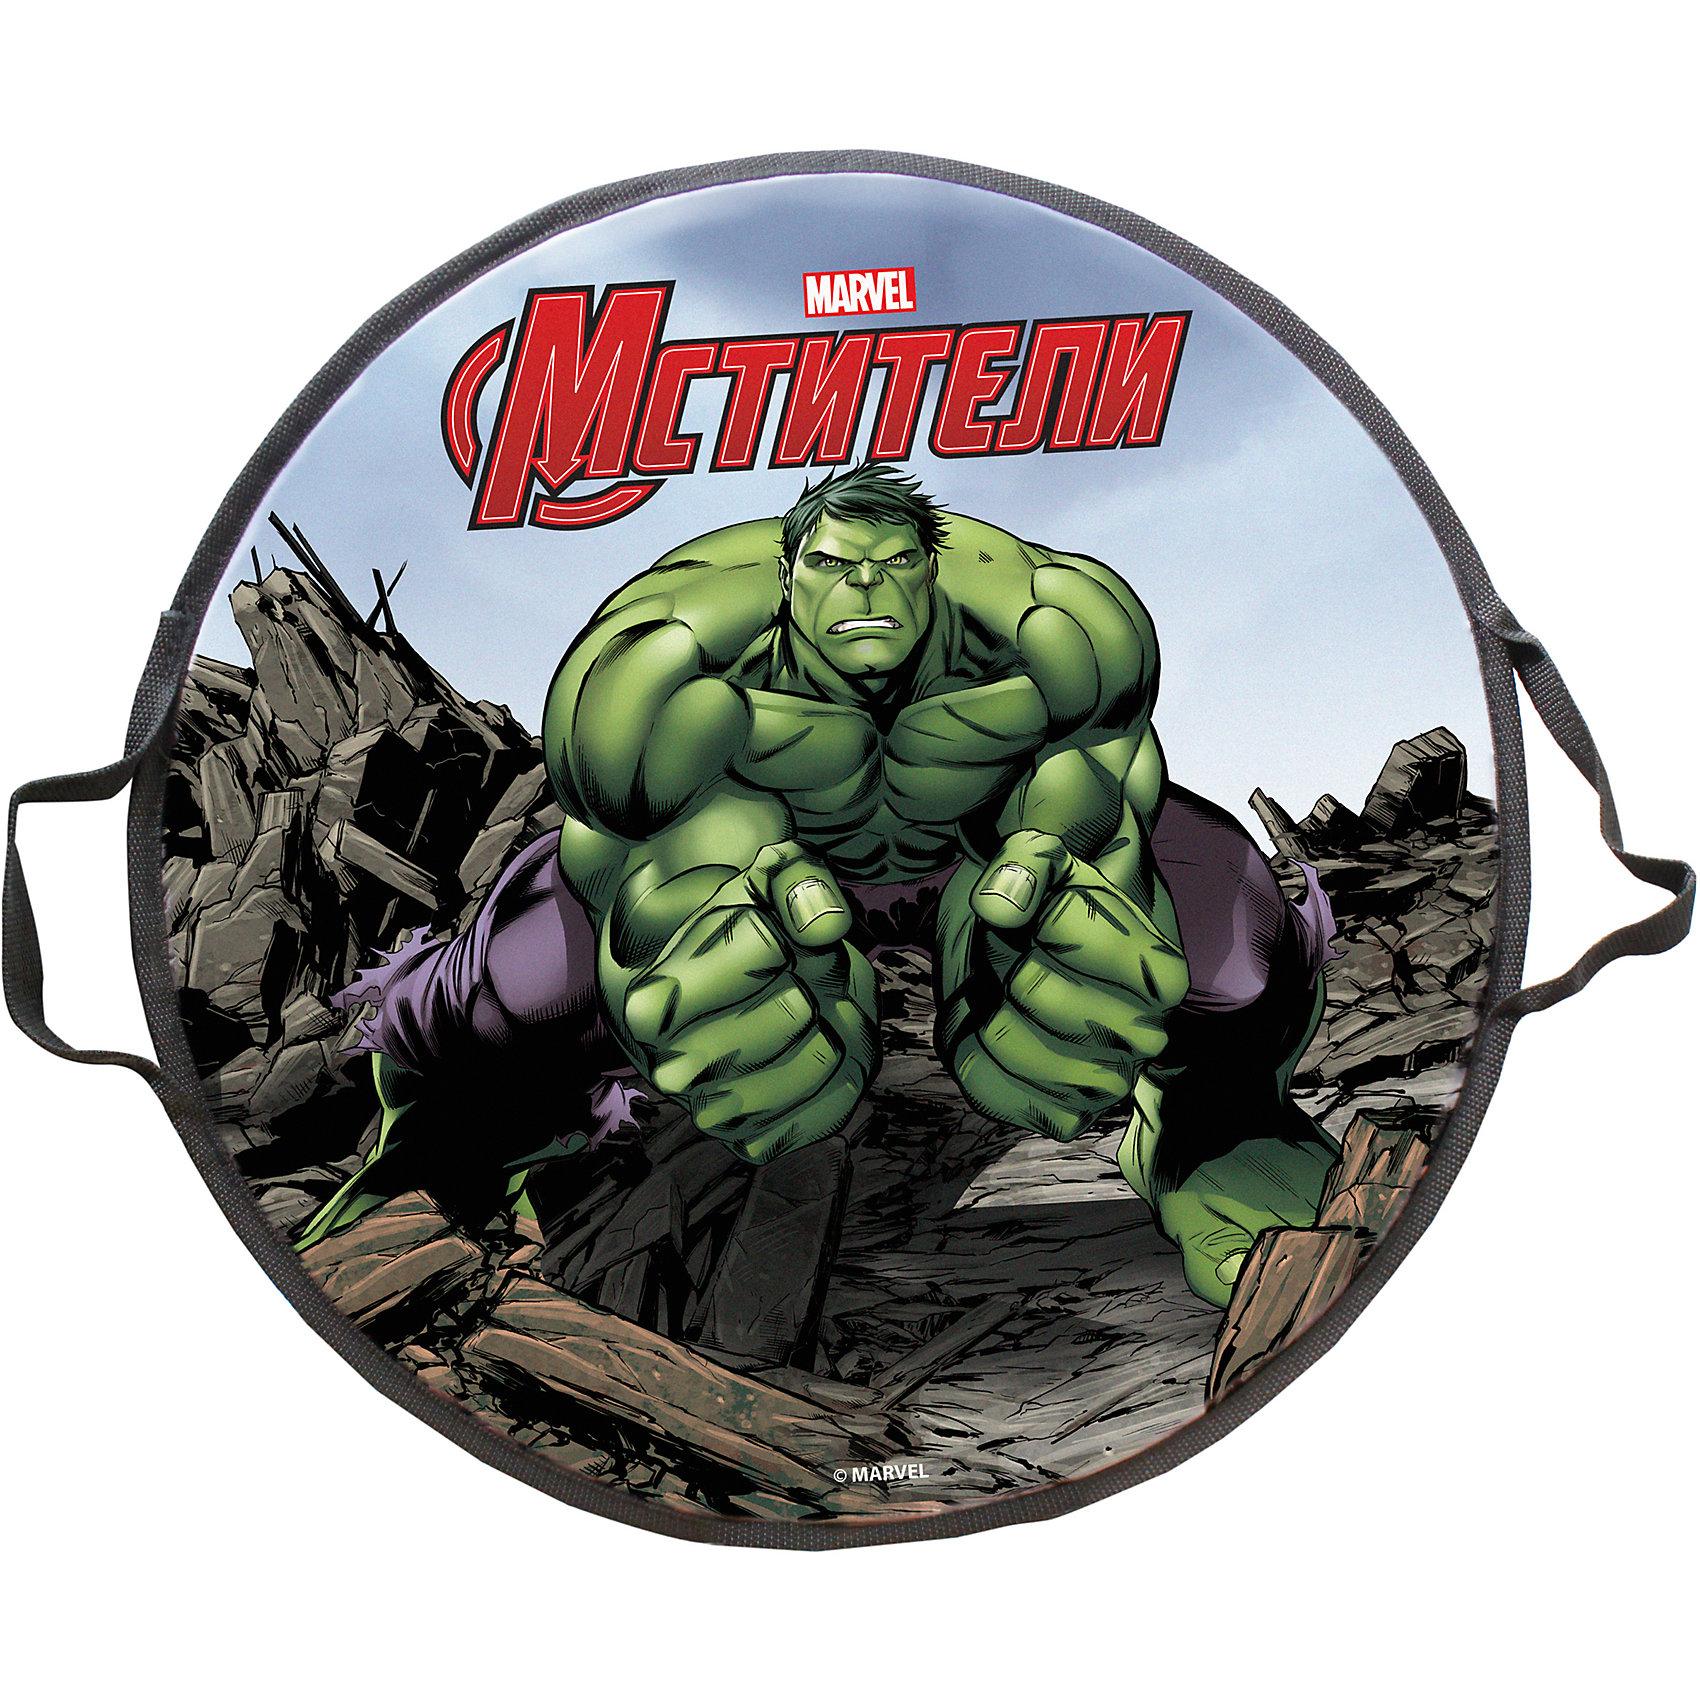 Ледянка Hulk, 52 см, круглая, МстителиЛедянки<br>Ледянка c красочным дизайном и популярной лицензией Marvel Hulk, 52 см, круглая<br><br>Ширина мм: 520<br>Глубина мм: 25<br>Высота мм: 520<br>Вес г: 30<br>Возраст от месяцев: 36<br>Возраст до месяцев: 192<br>Пол: Мужской<br>Возраст: Детский<br>SKU: 5032820